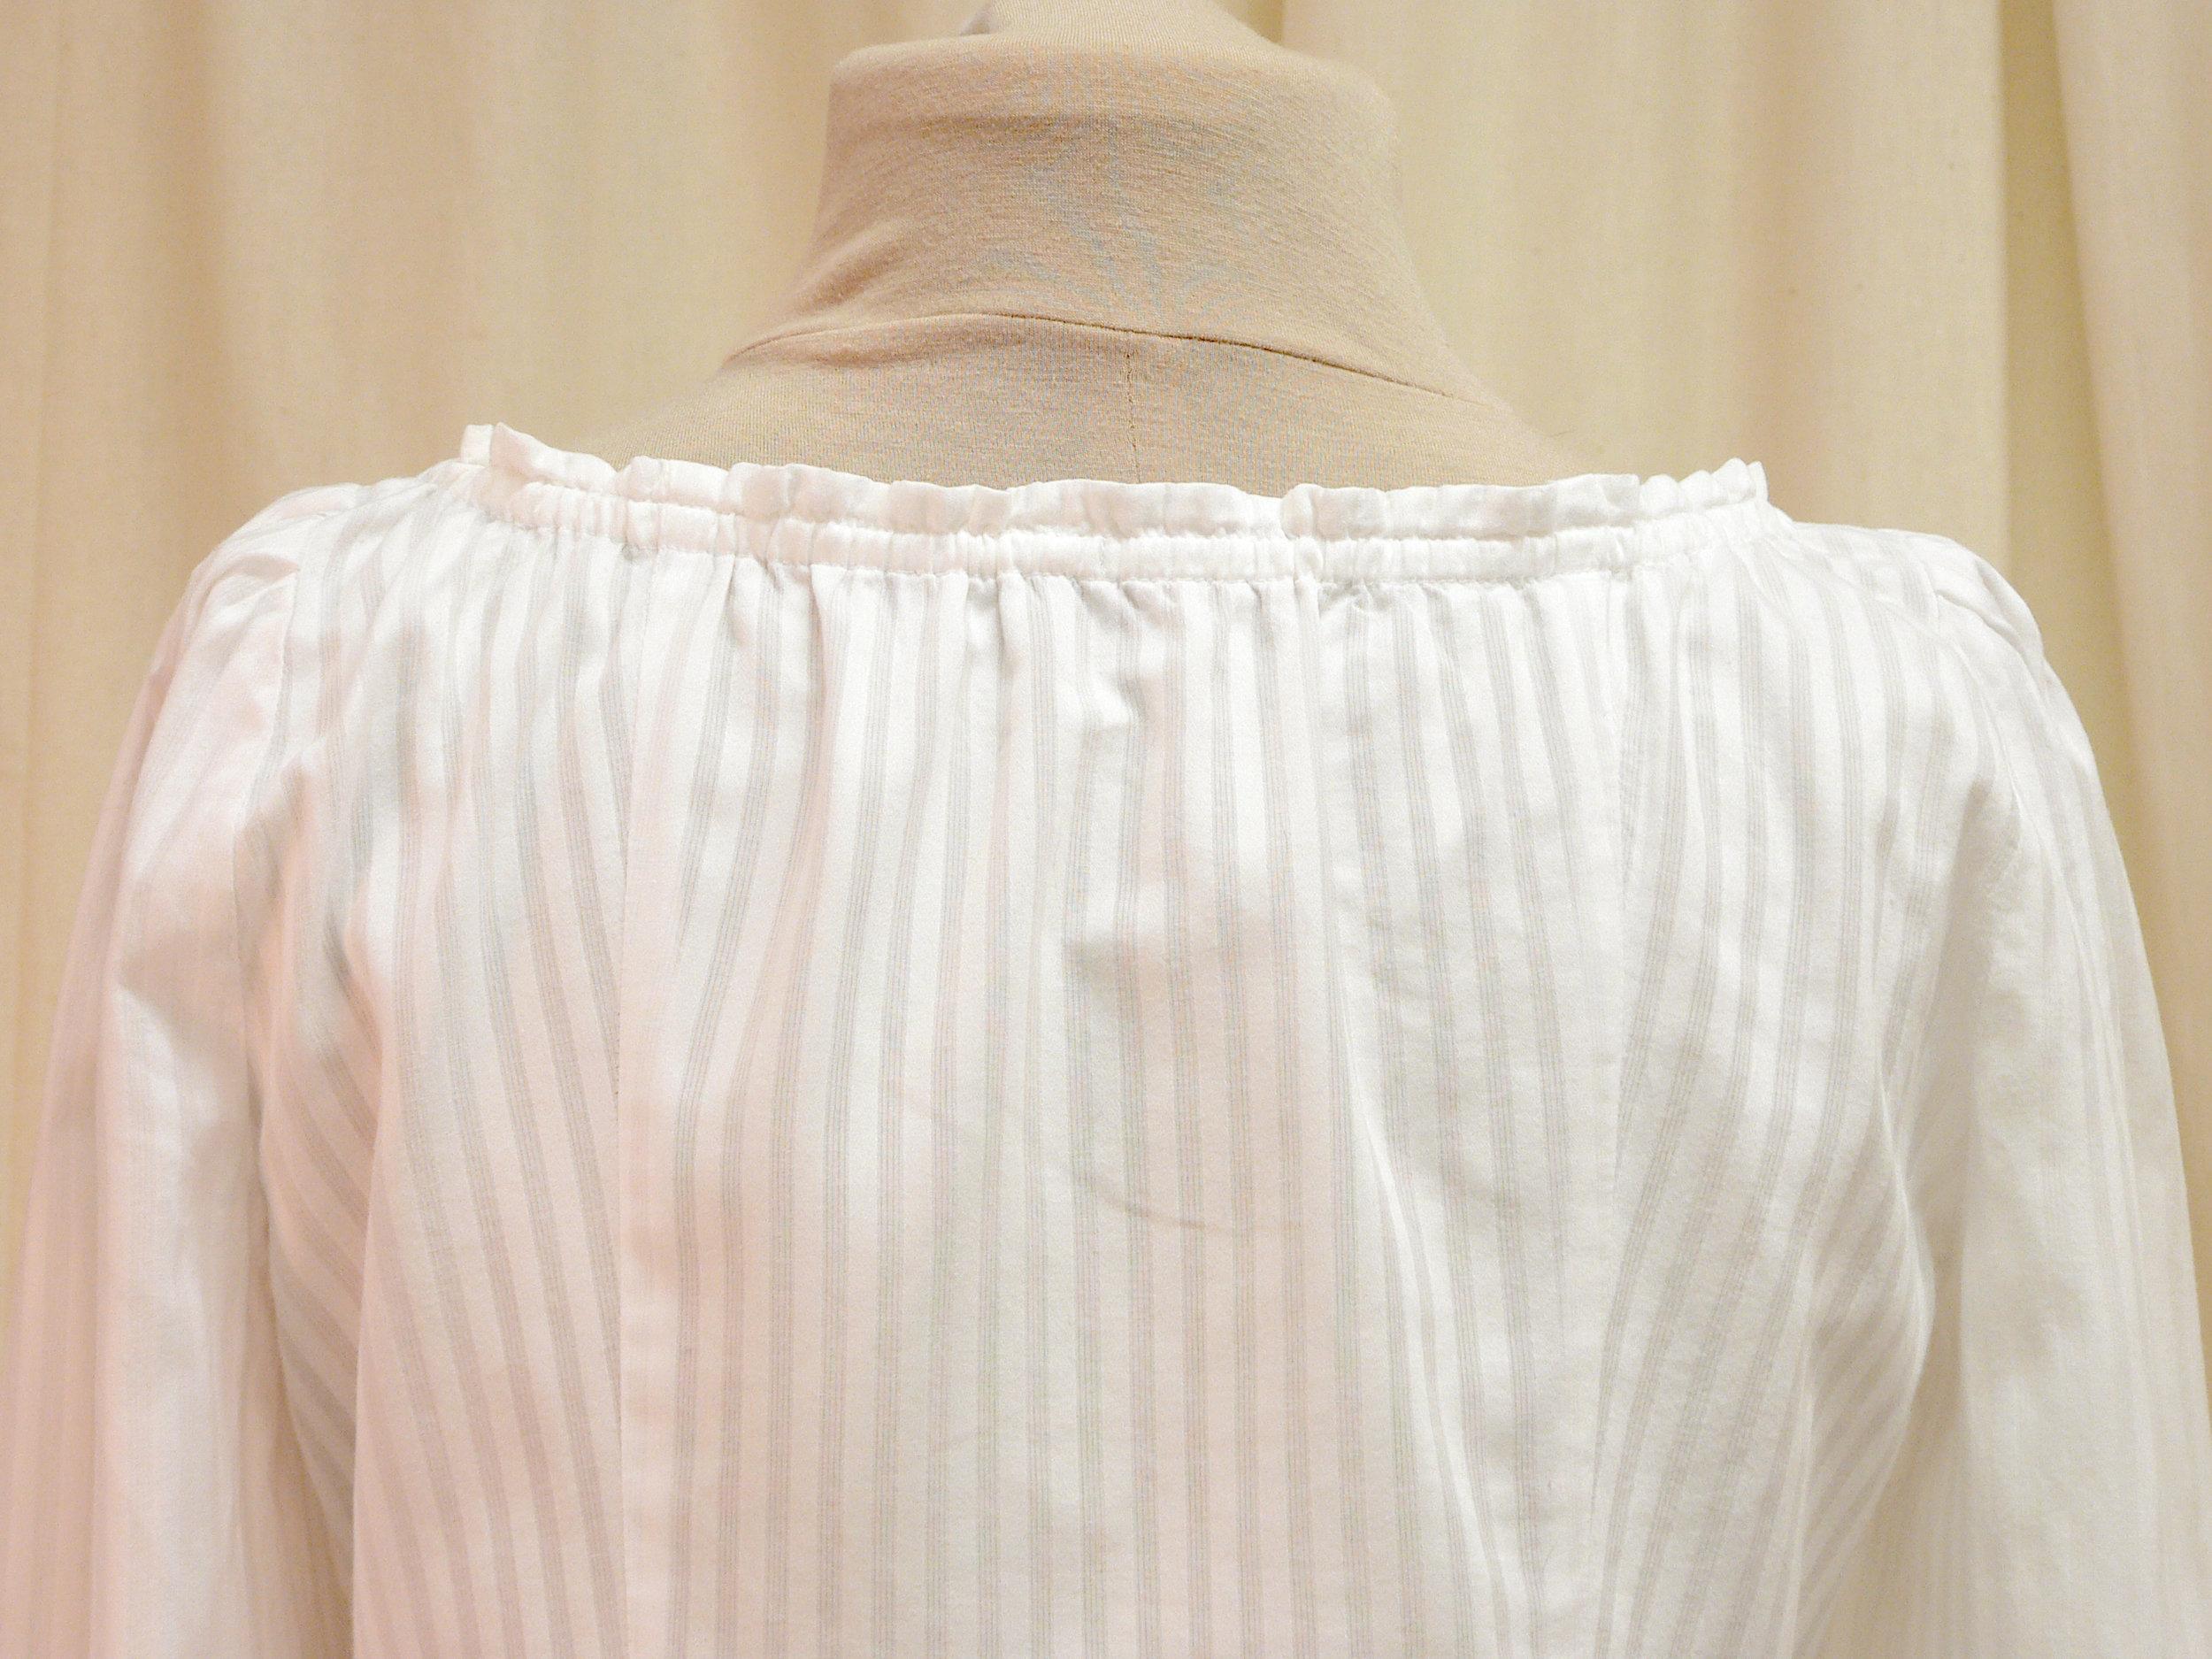 blouse07_back_detail.jpg